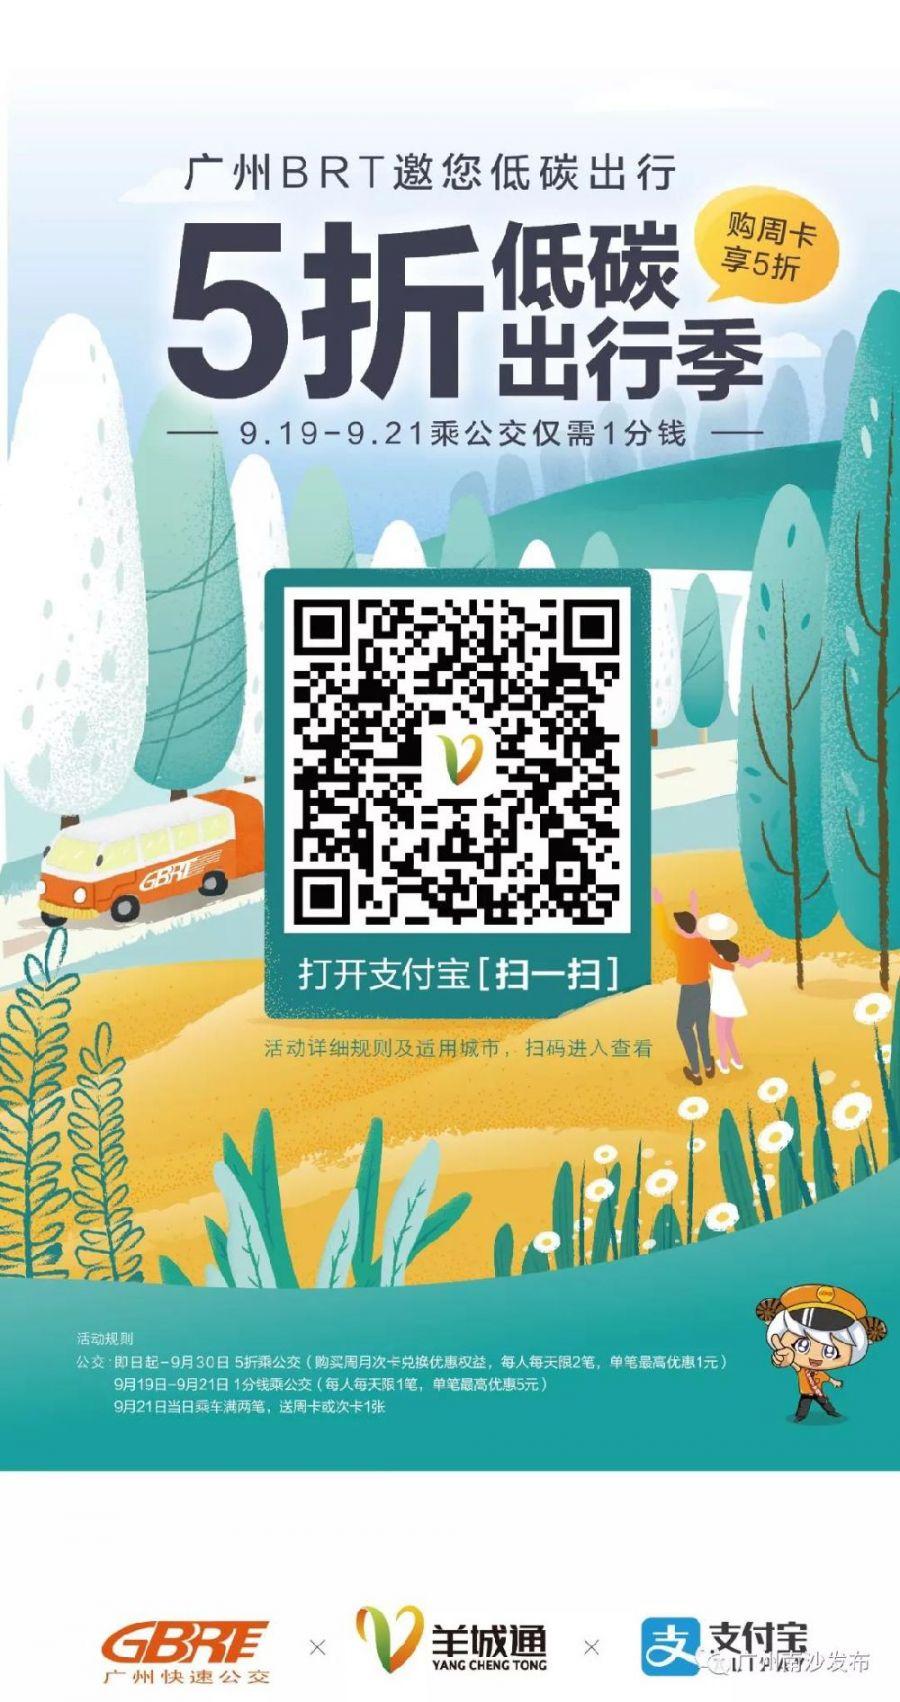 广州支付宝坐公交有优惠吗?连续三天广州可一分钱坐公交